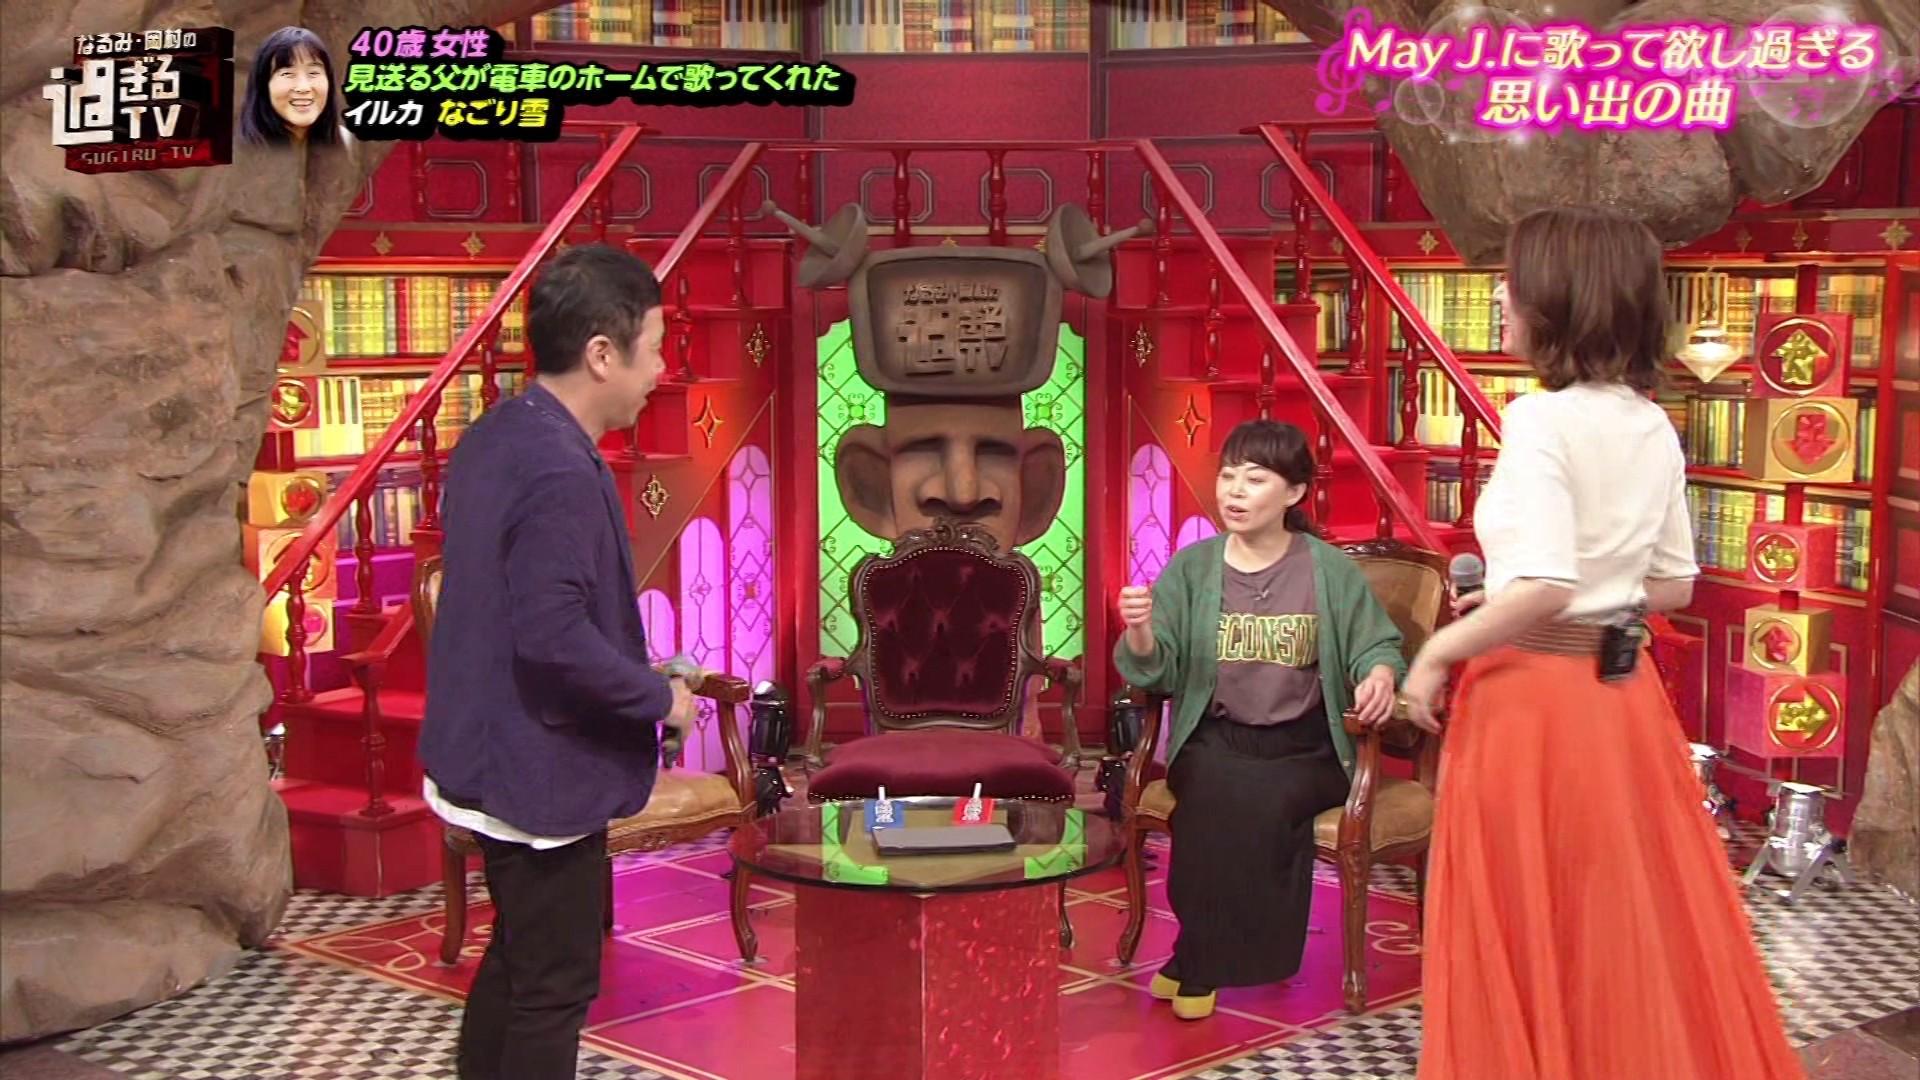 2019年5月13日『過ぎるTV』のテレビキャプチャー画像-052